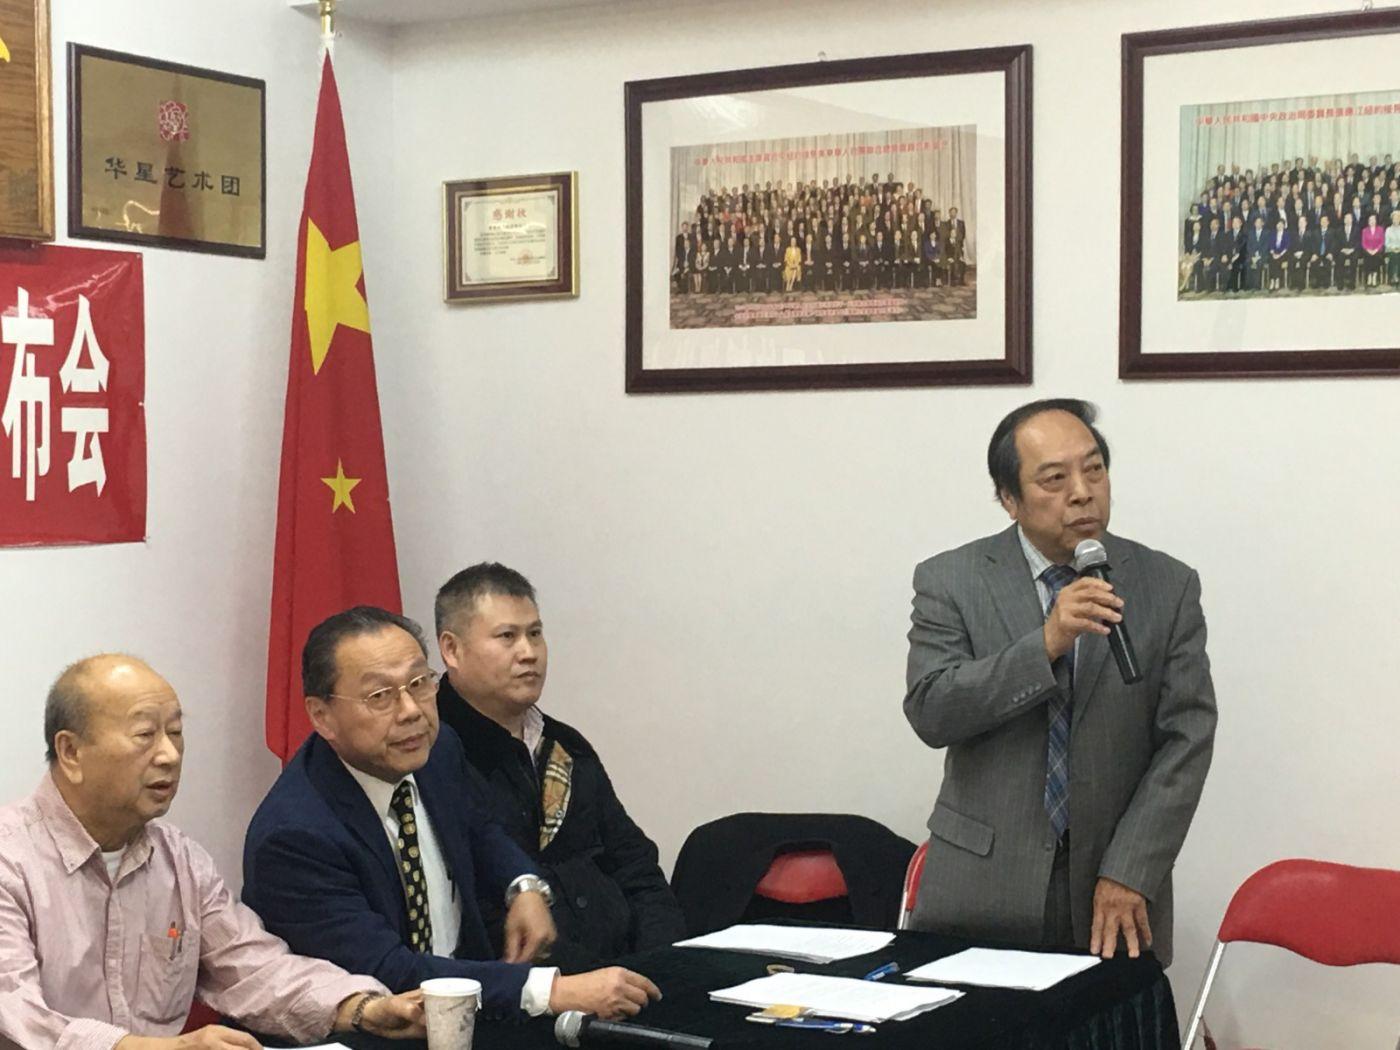 美東各界華僑華人致特朗普總統公開信新聞發佈會_图1-5